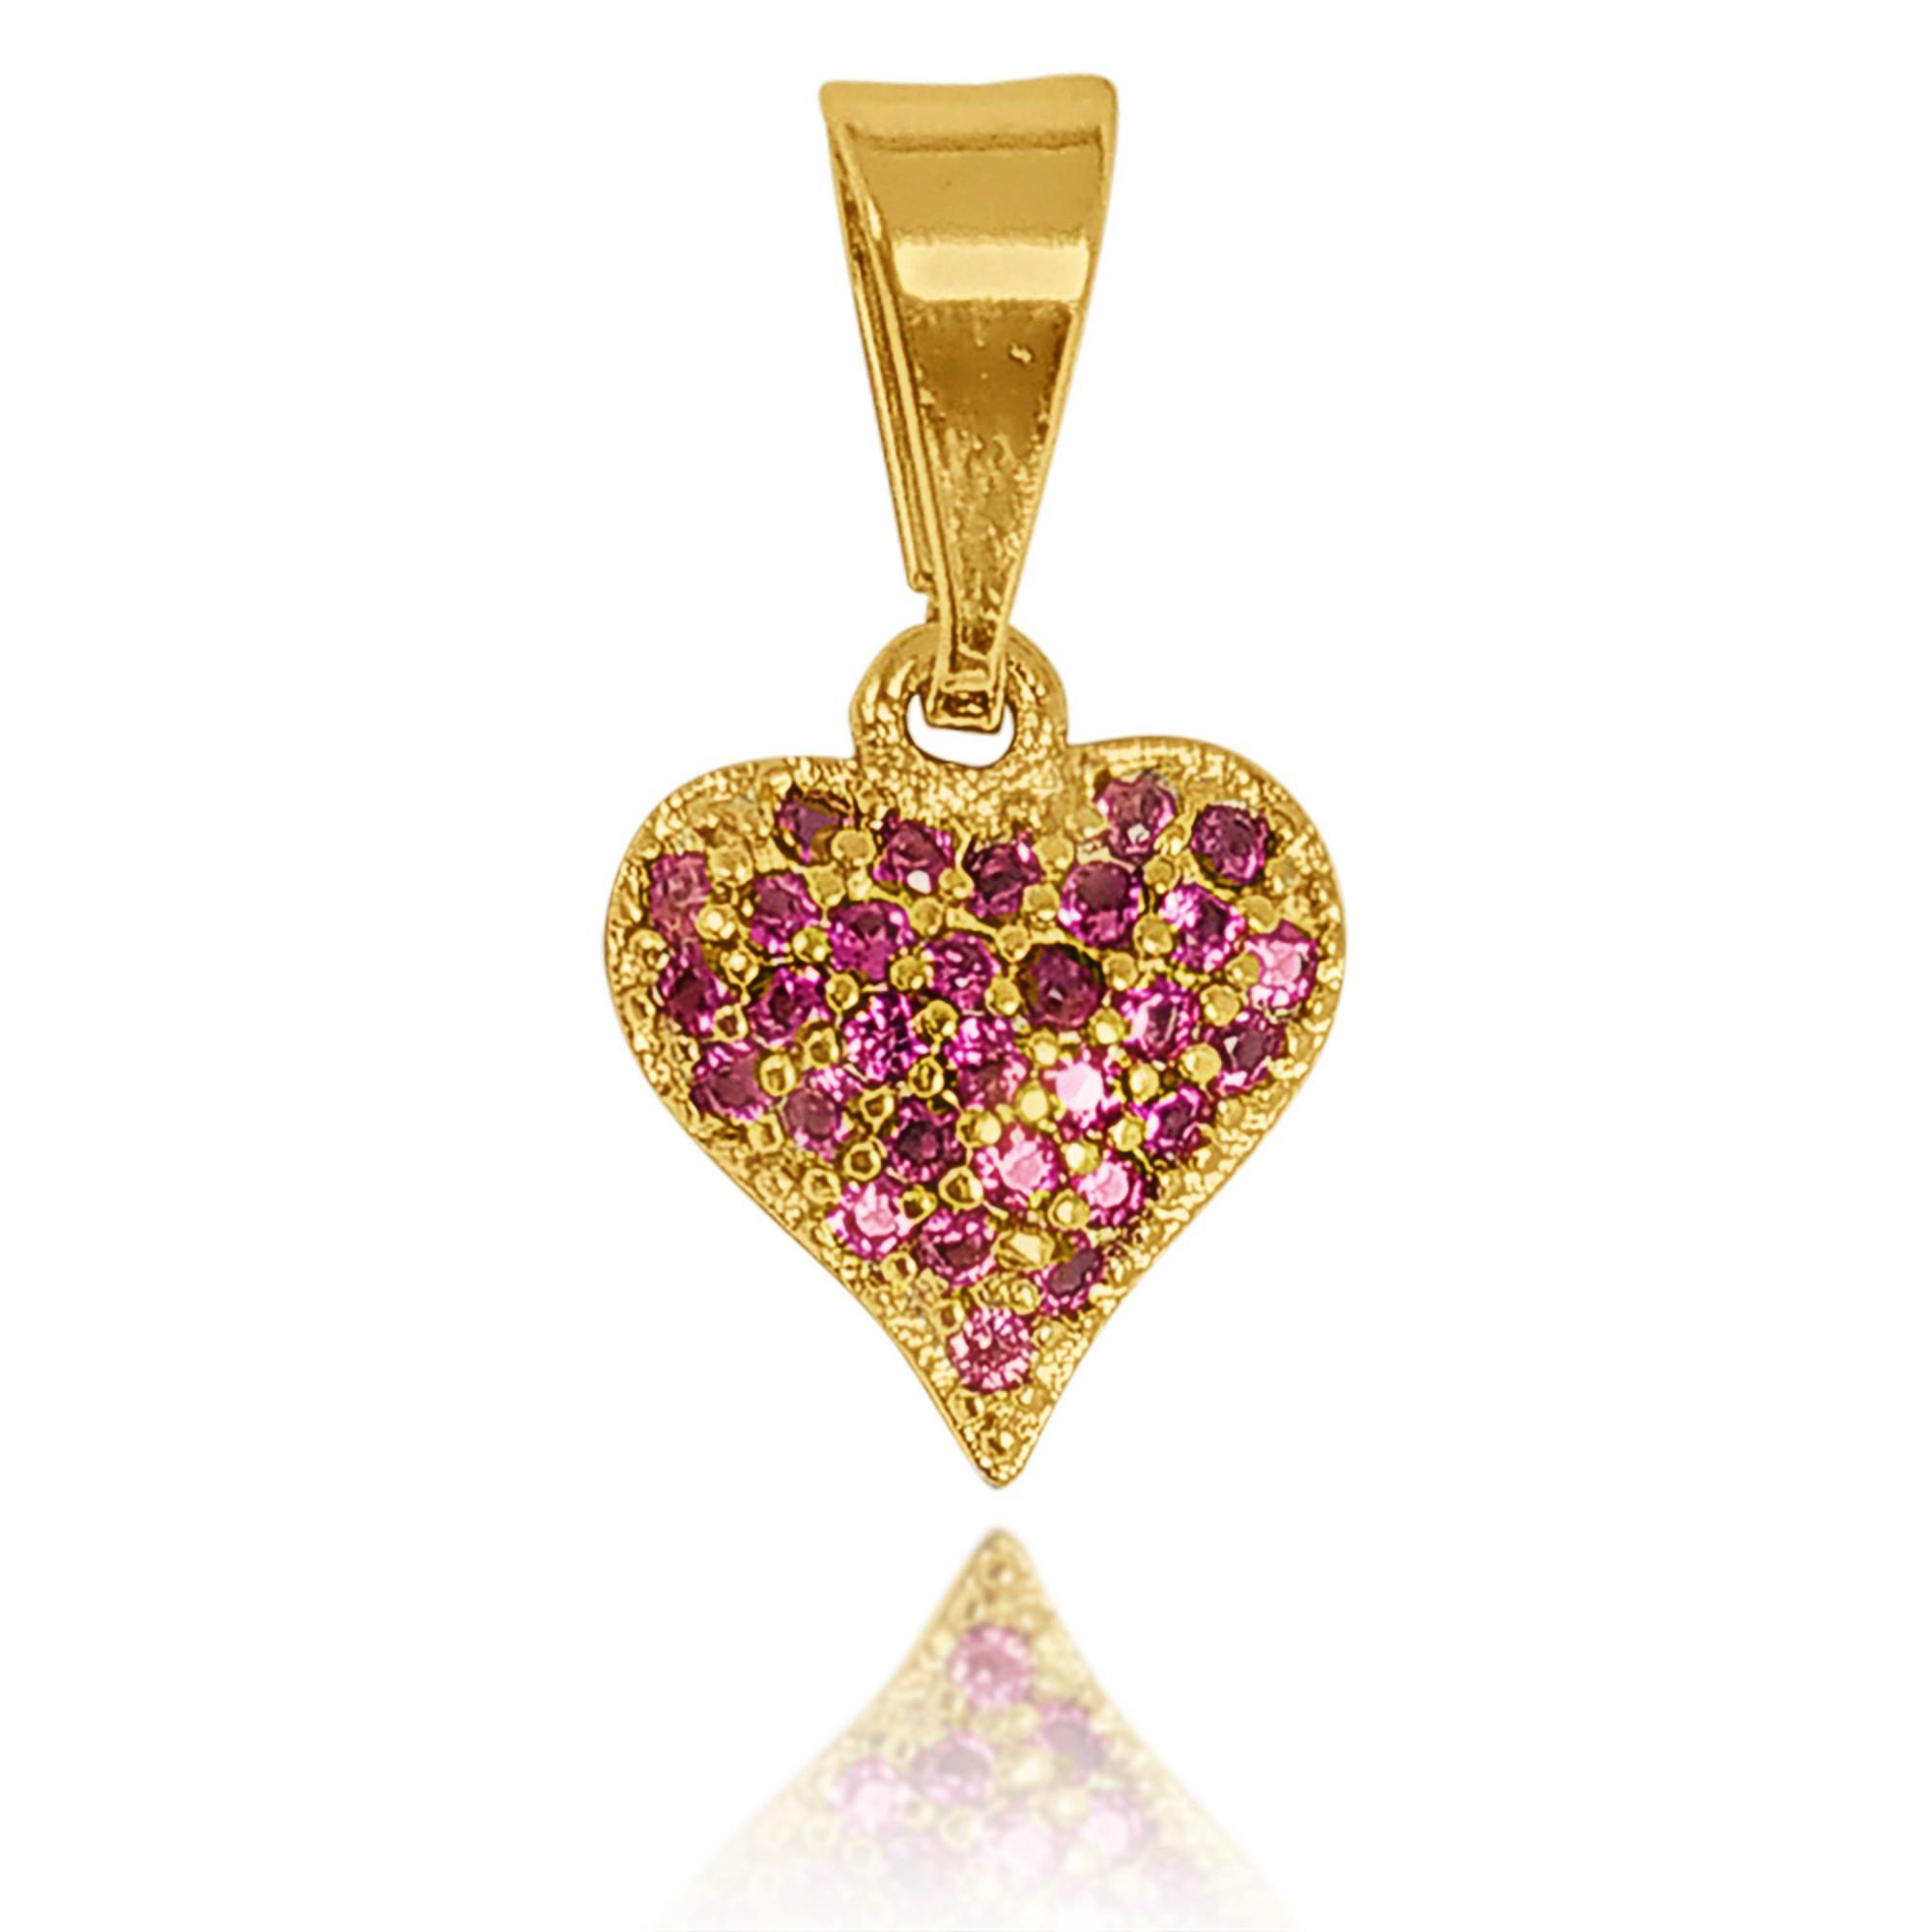 Pingente Coração Cravejada com Zircônia Folheado a Ouro 18k